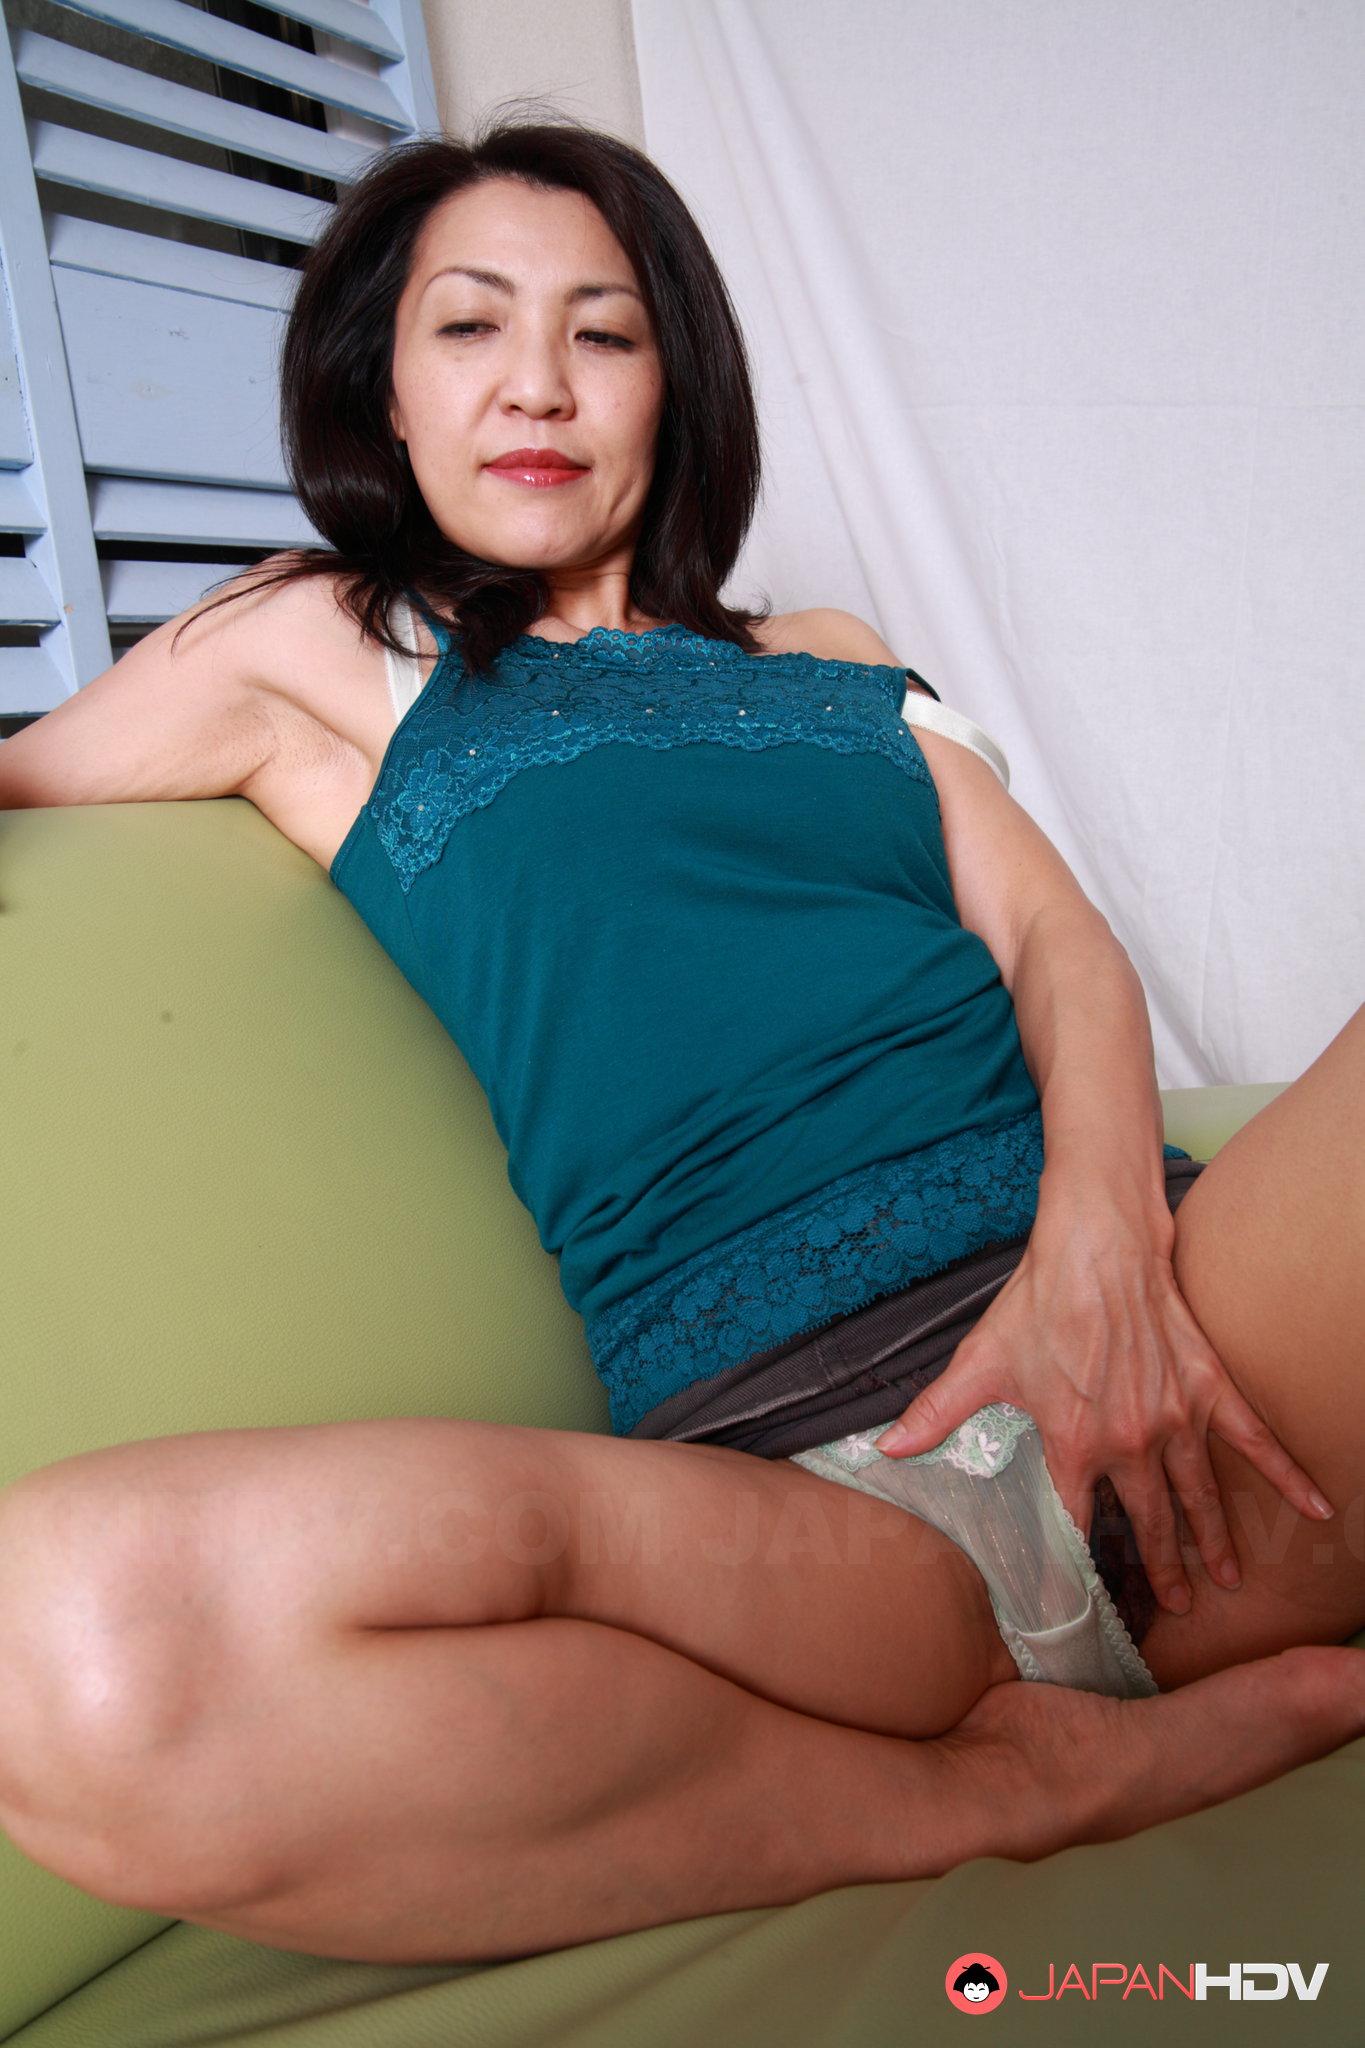 Milf mistress teasingt